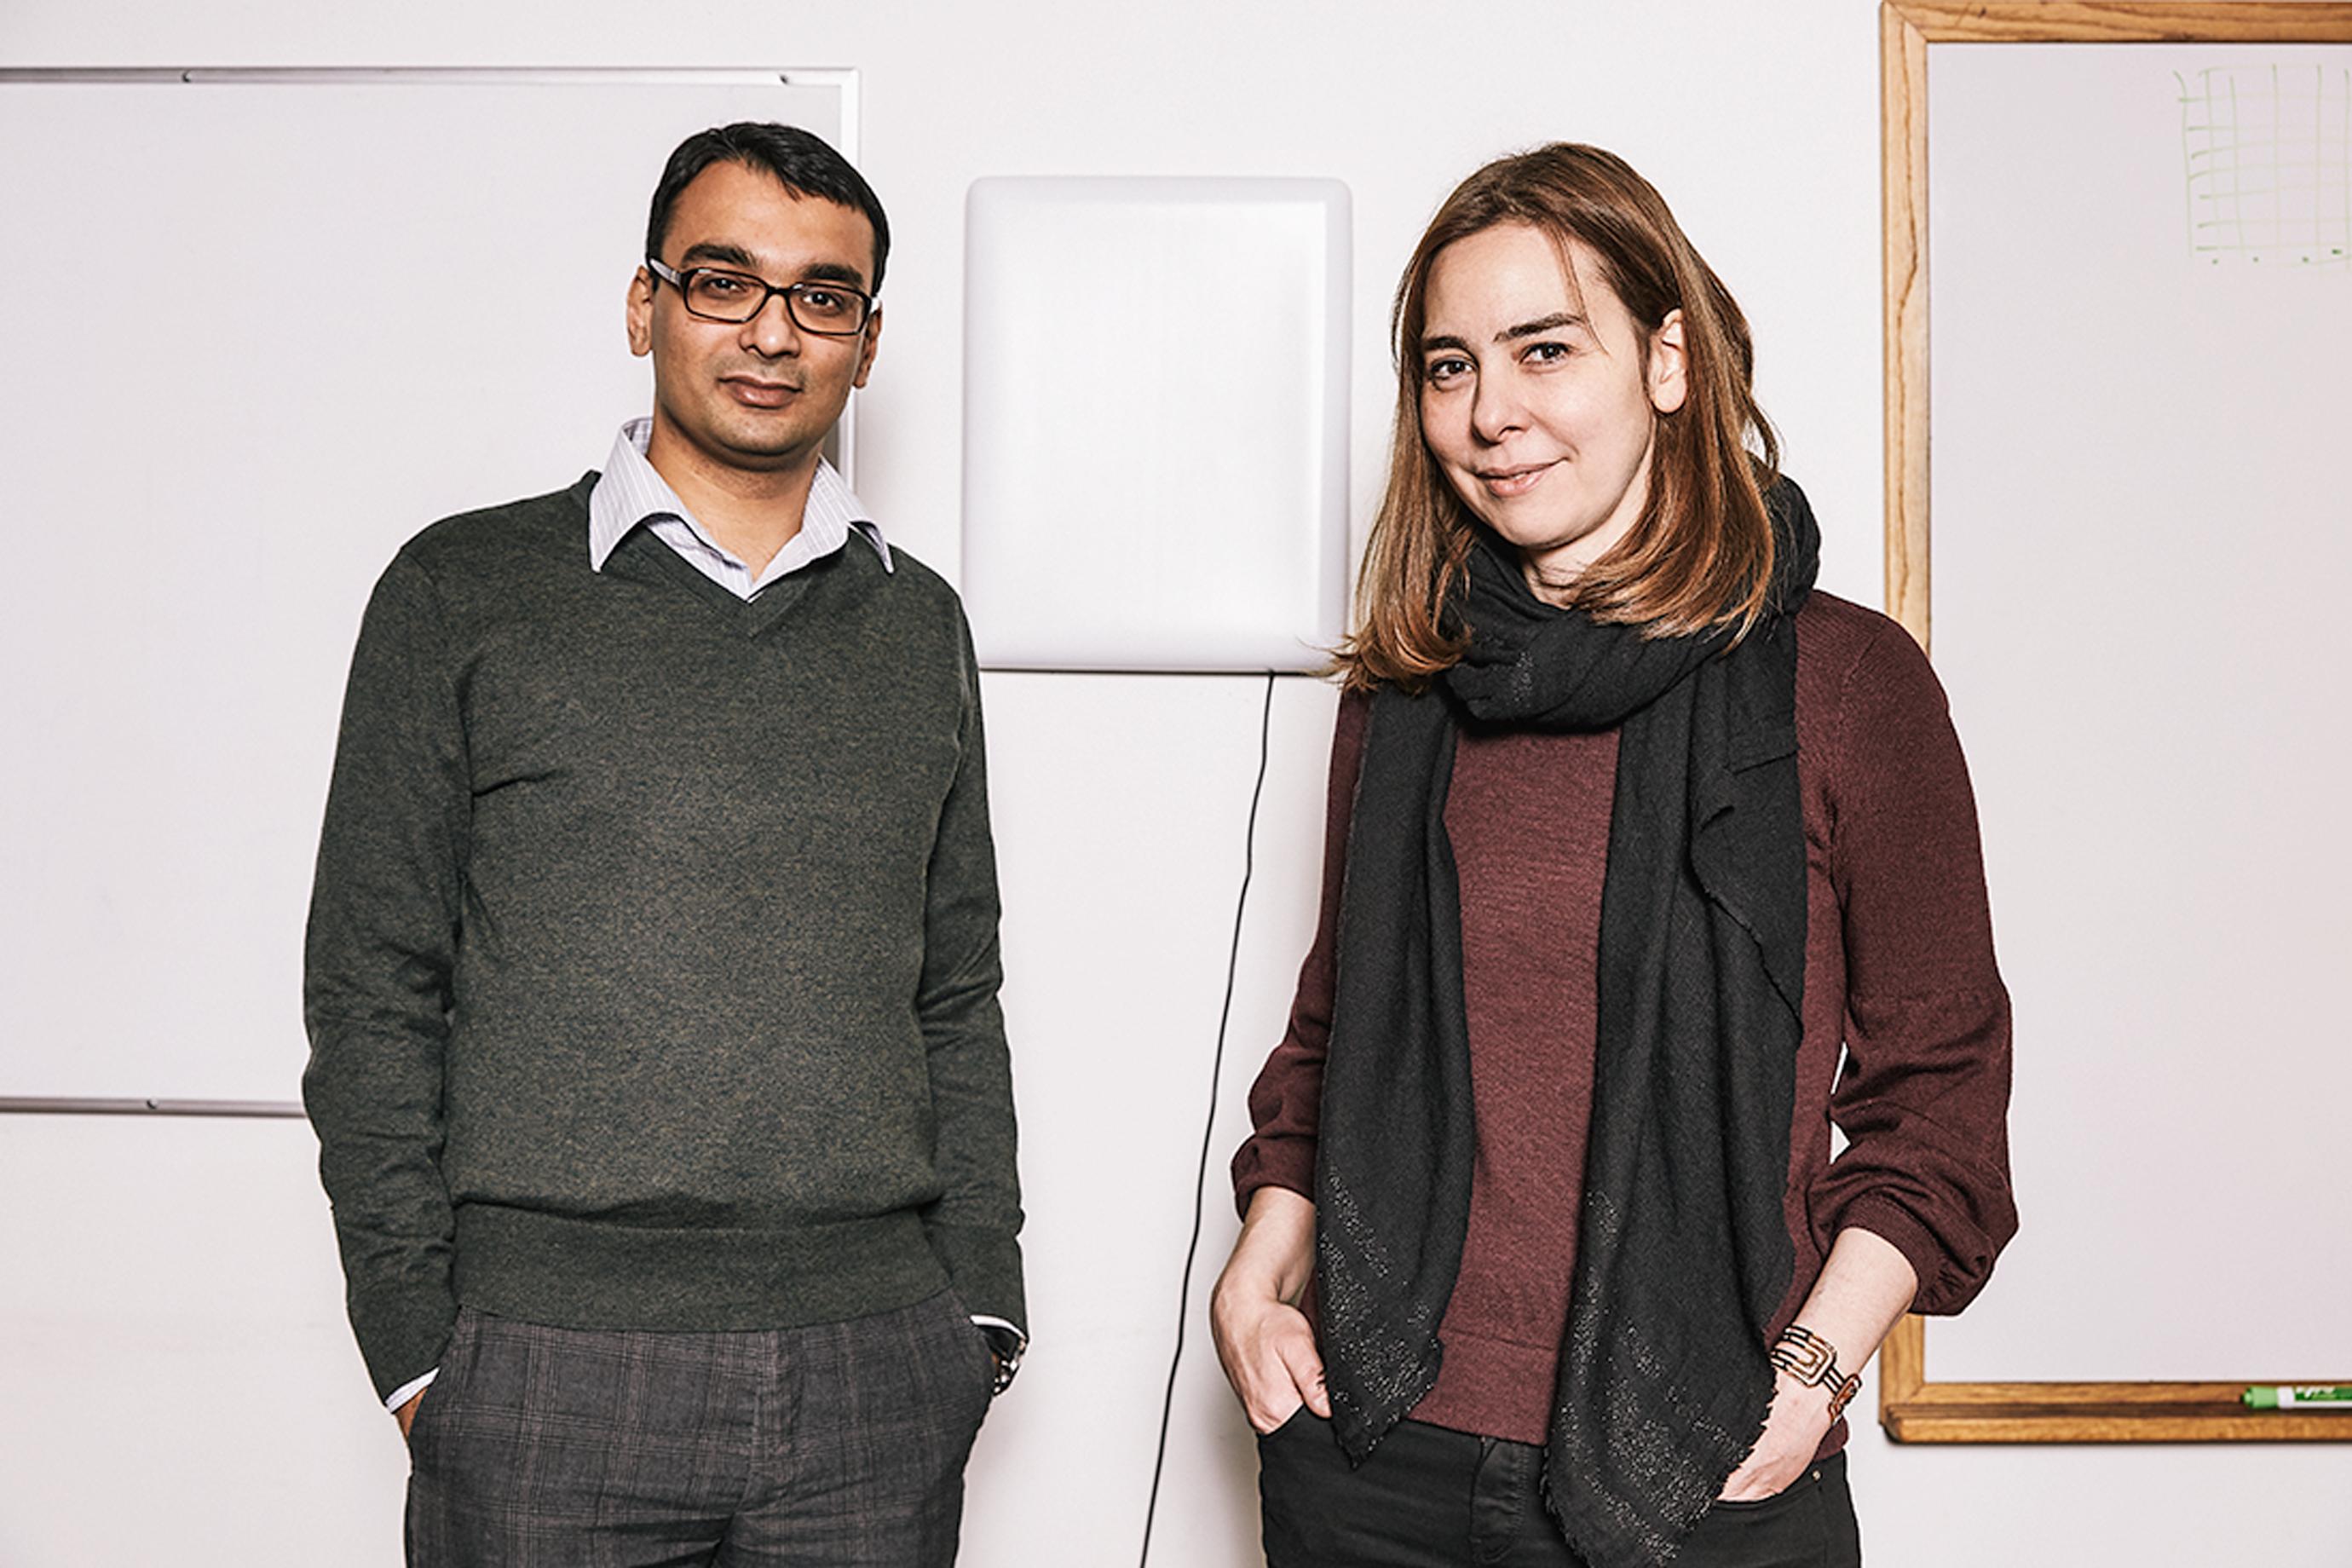 Ipsit Vahia y Dina Katabi están probando un dispositivo impulsado por inteligencia artificial que el laboratorio de Katabi construyó para monitorear el comportamiento de las personas con Alzheimer, así como aquellos en riesgo de desarrollar la enfermedad.